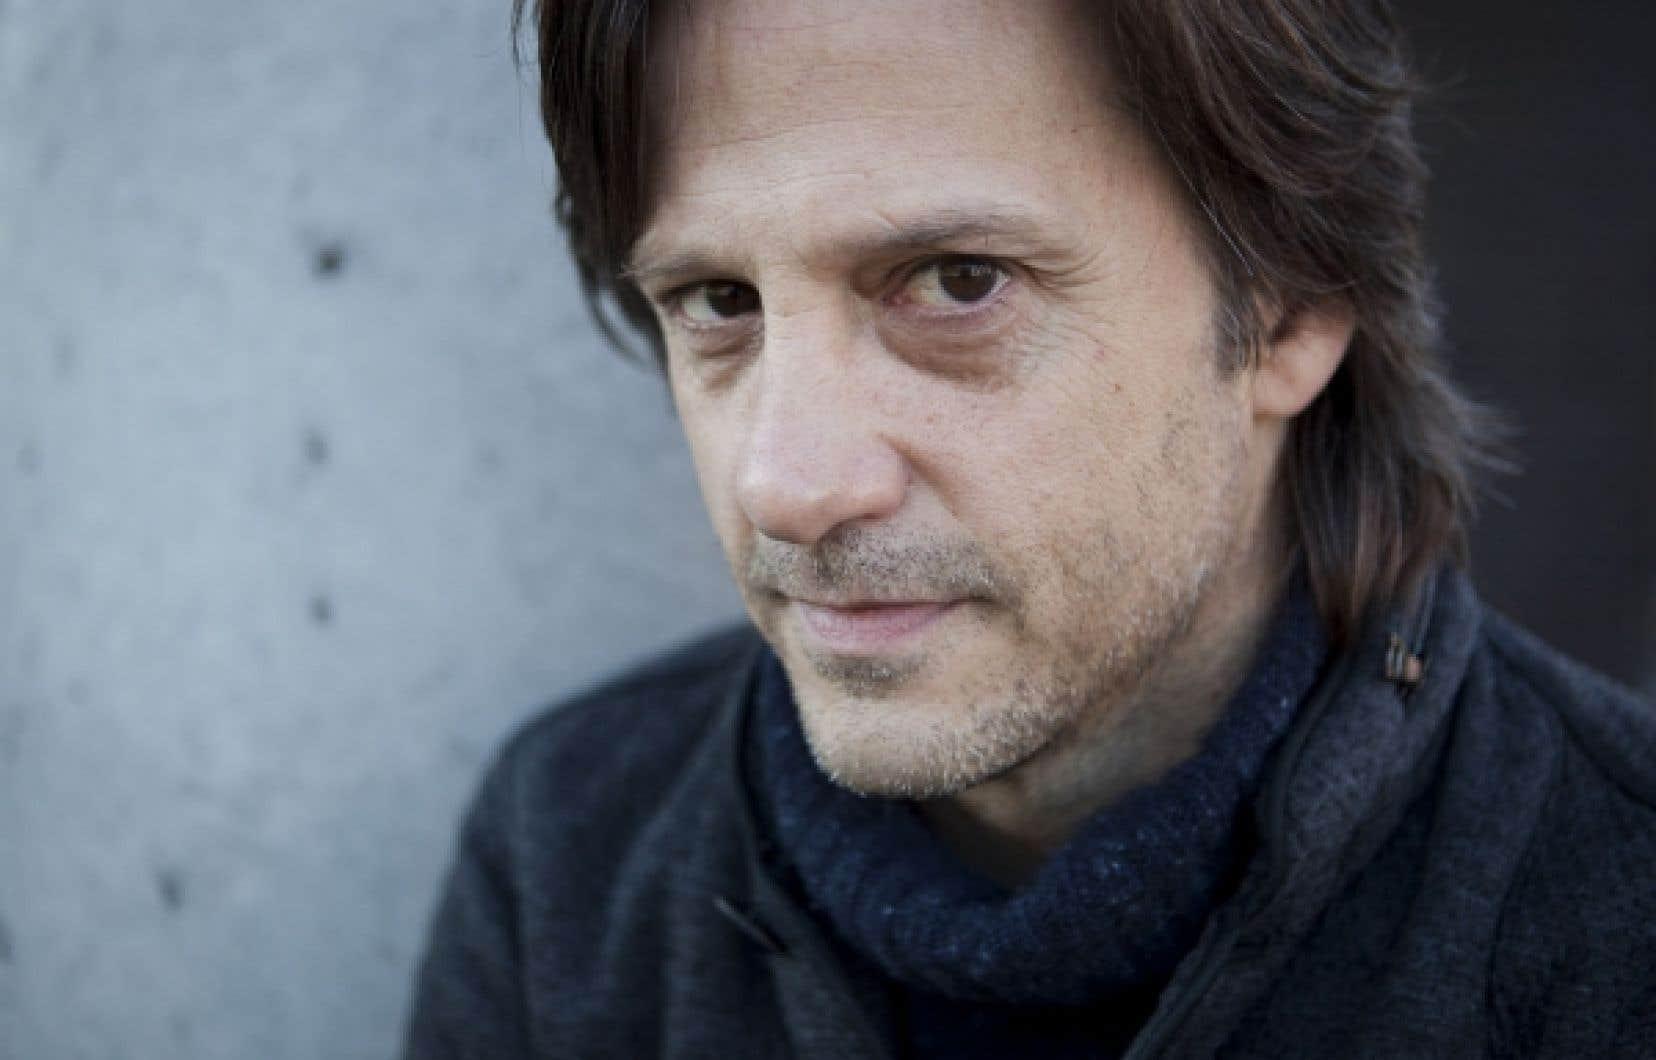 Pour Isabelle, Fabien Dupuis s'est inspiré de l'antihéros du conte d'une quinzaine de minutes qu'il a présenté dans l'édition 2010 des Contes urbains, pour en faire un solo de 75 minutes.